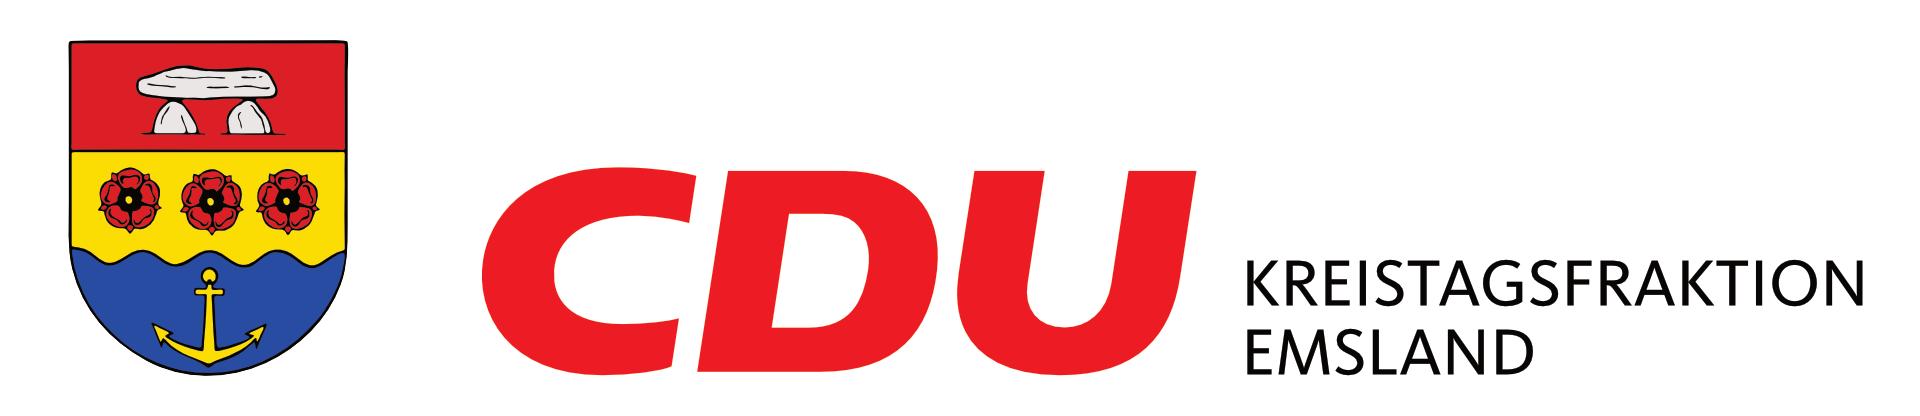 CDU Kreistagsfraktion Emsland